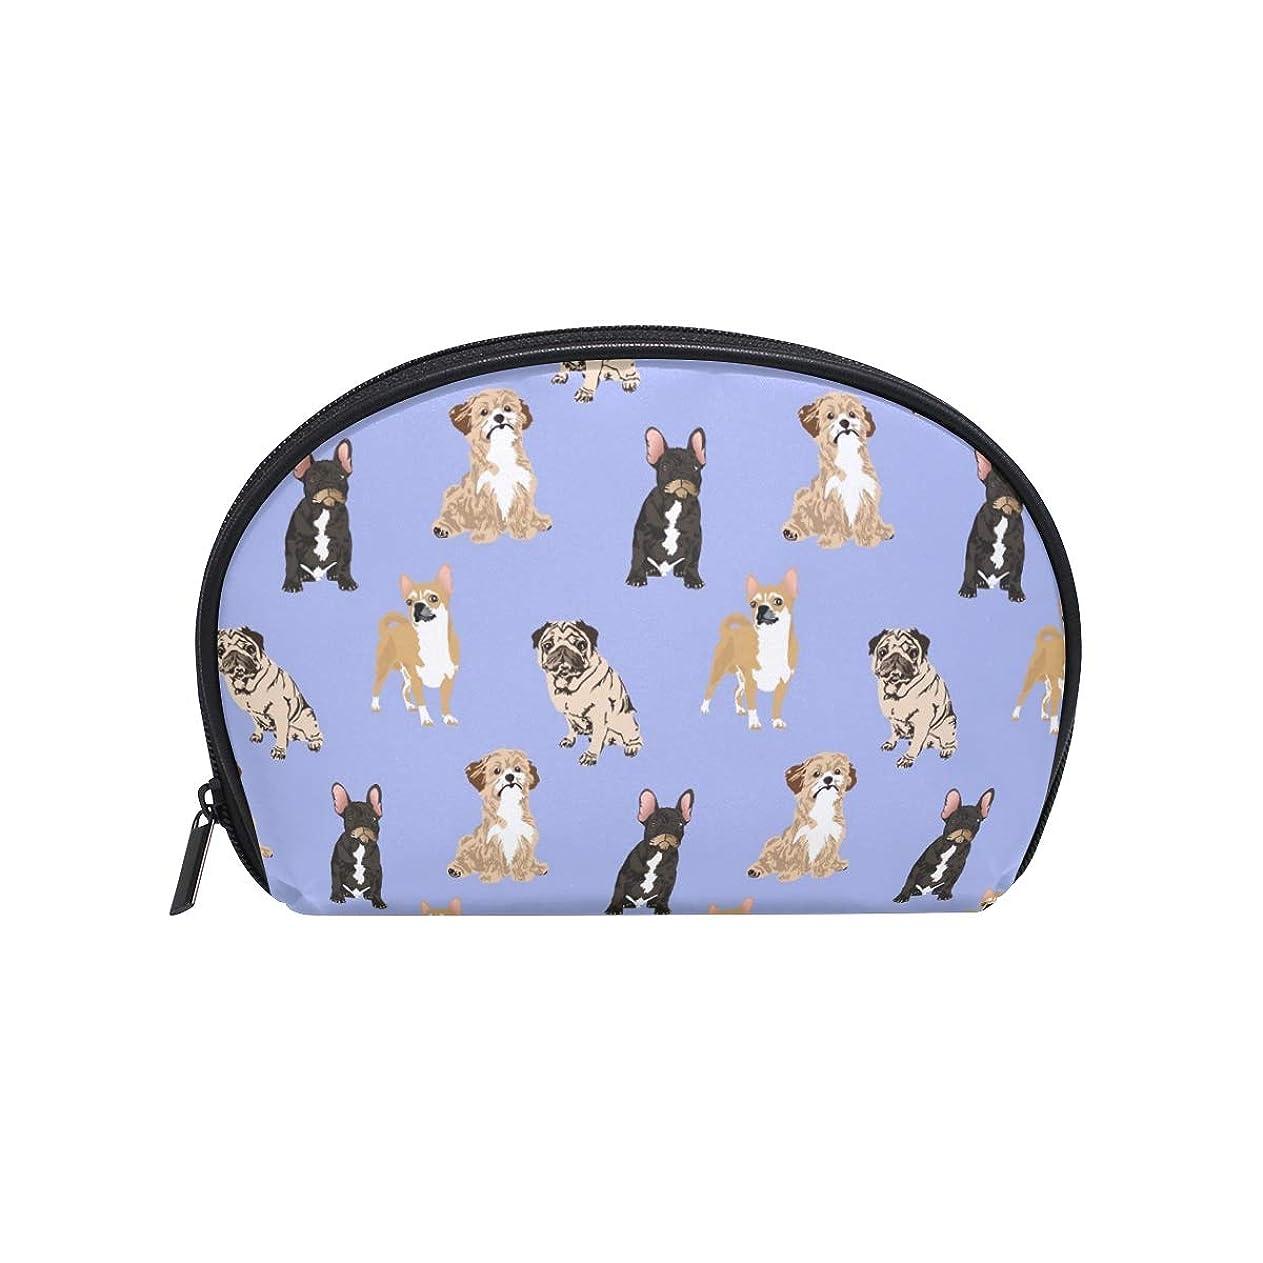 心のこもった決定するかもしれない半月型 犬柄 動物柄 ペット 化粧ポーチ コスメポーチ コスメバッグ メイクポーチ 大容量 旅行 小物入れ